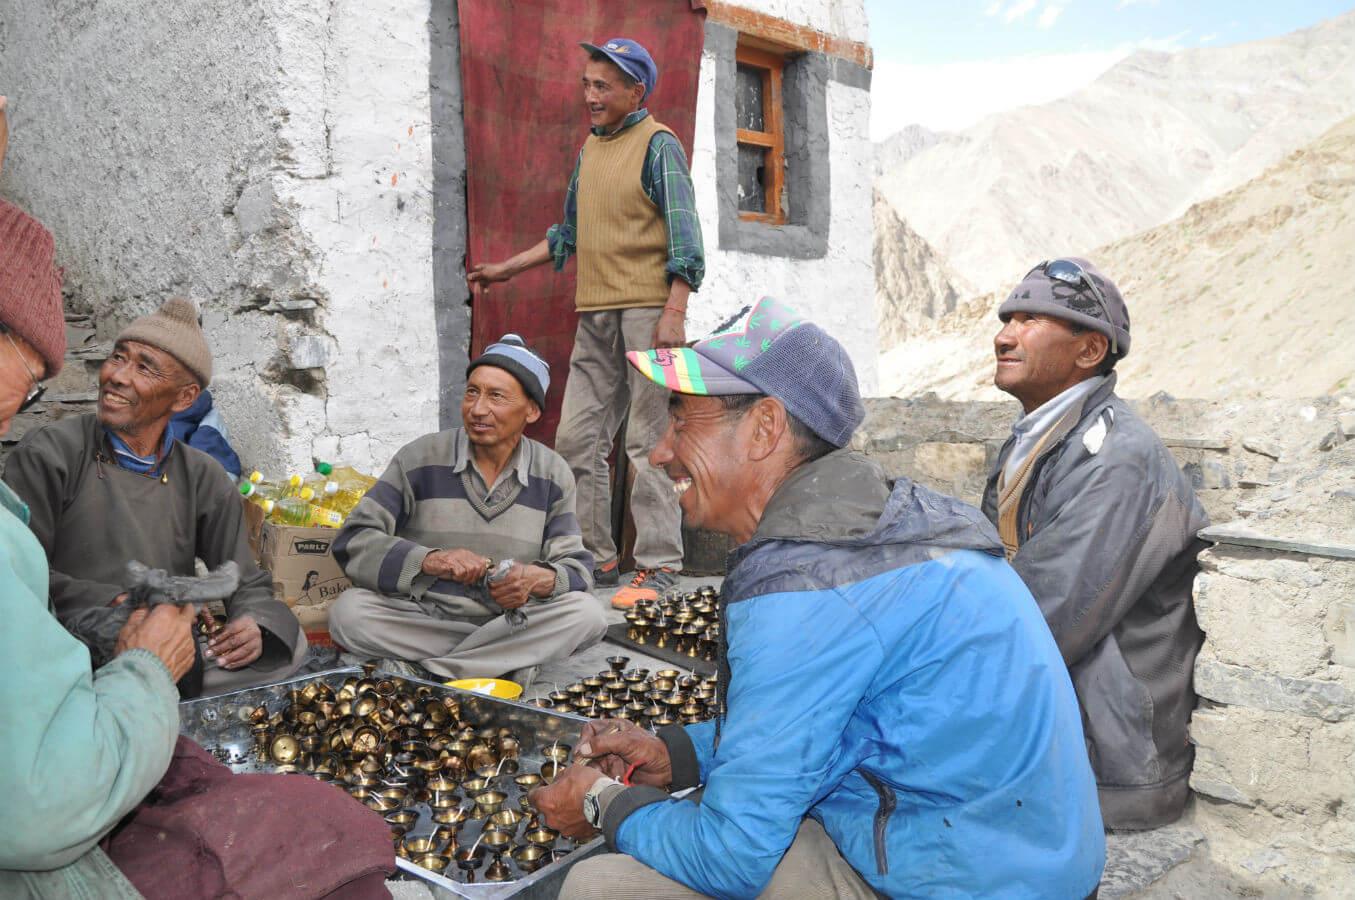 kloster indien tibet vollmond zeremonie